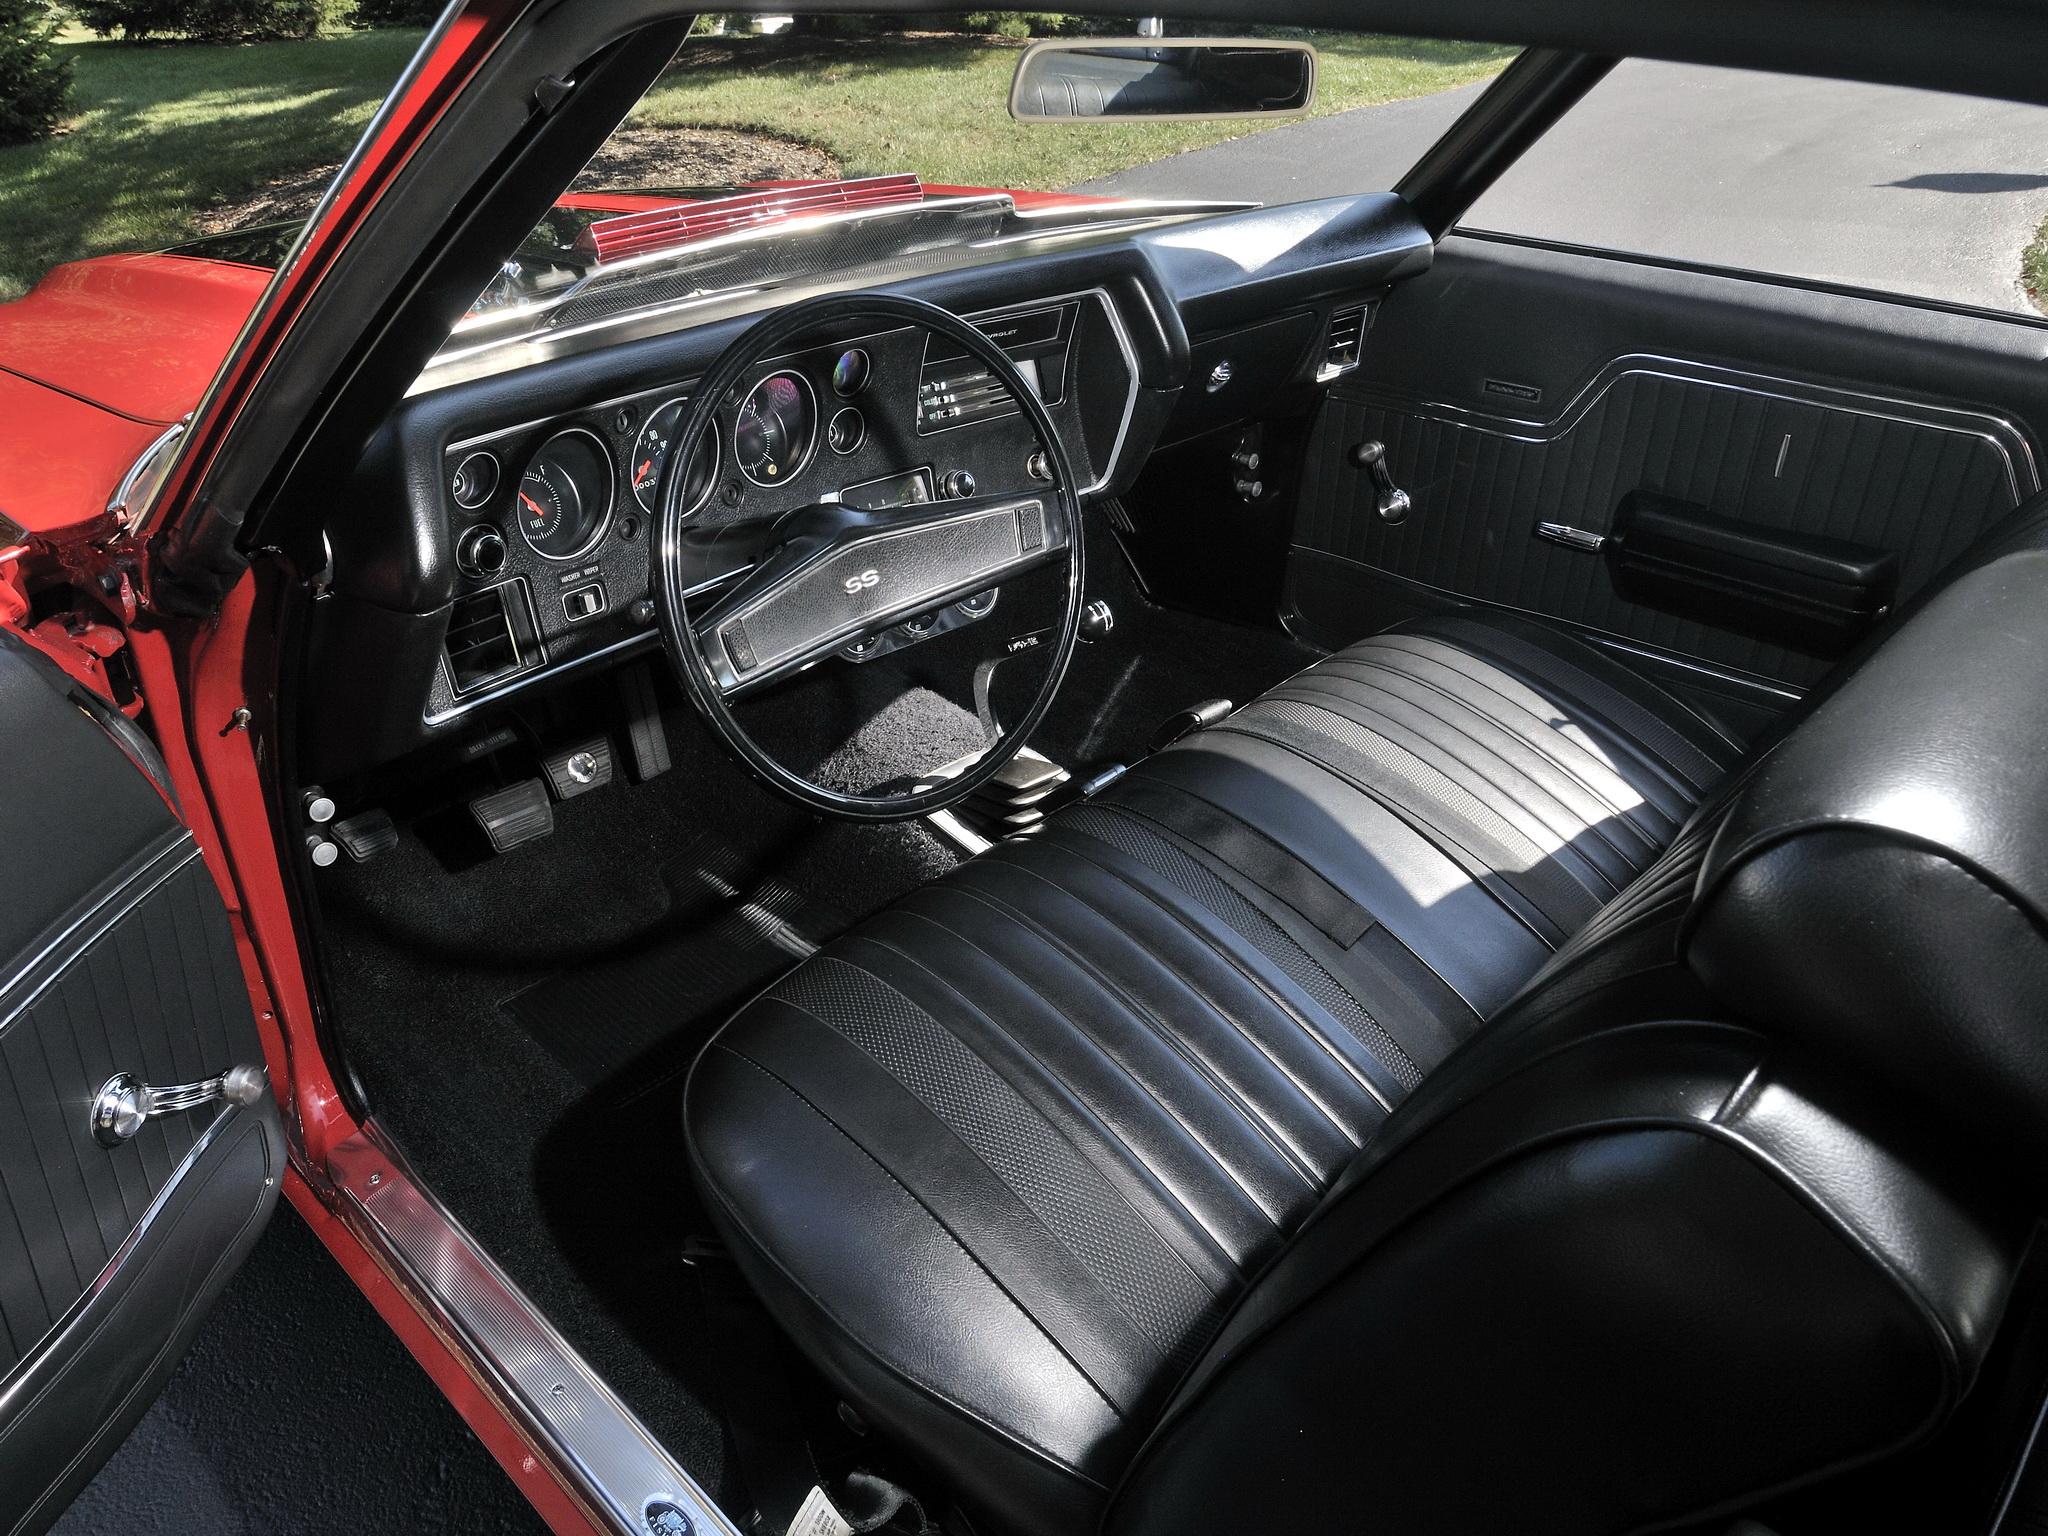 1968 El Camino Bench Seat